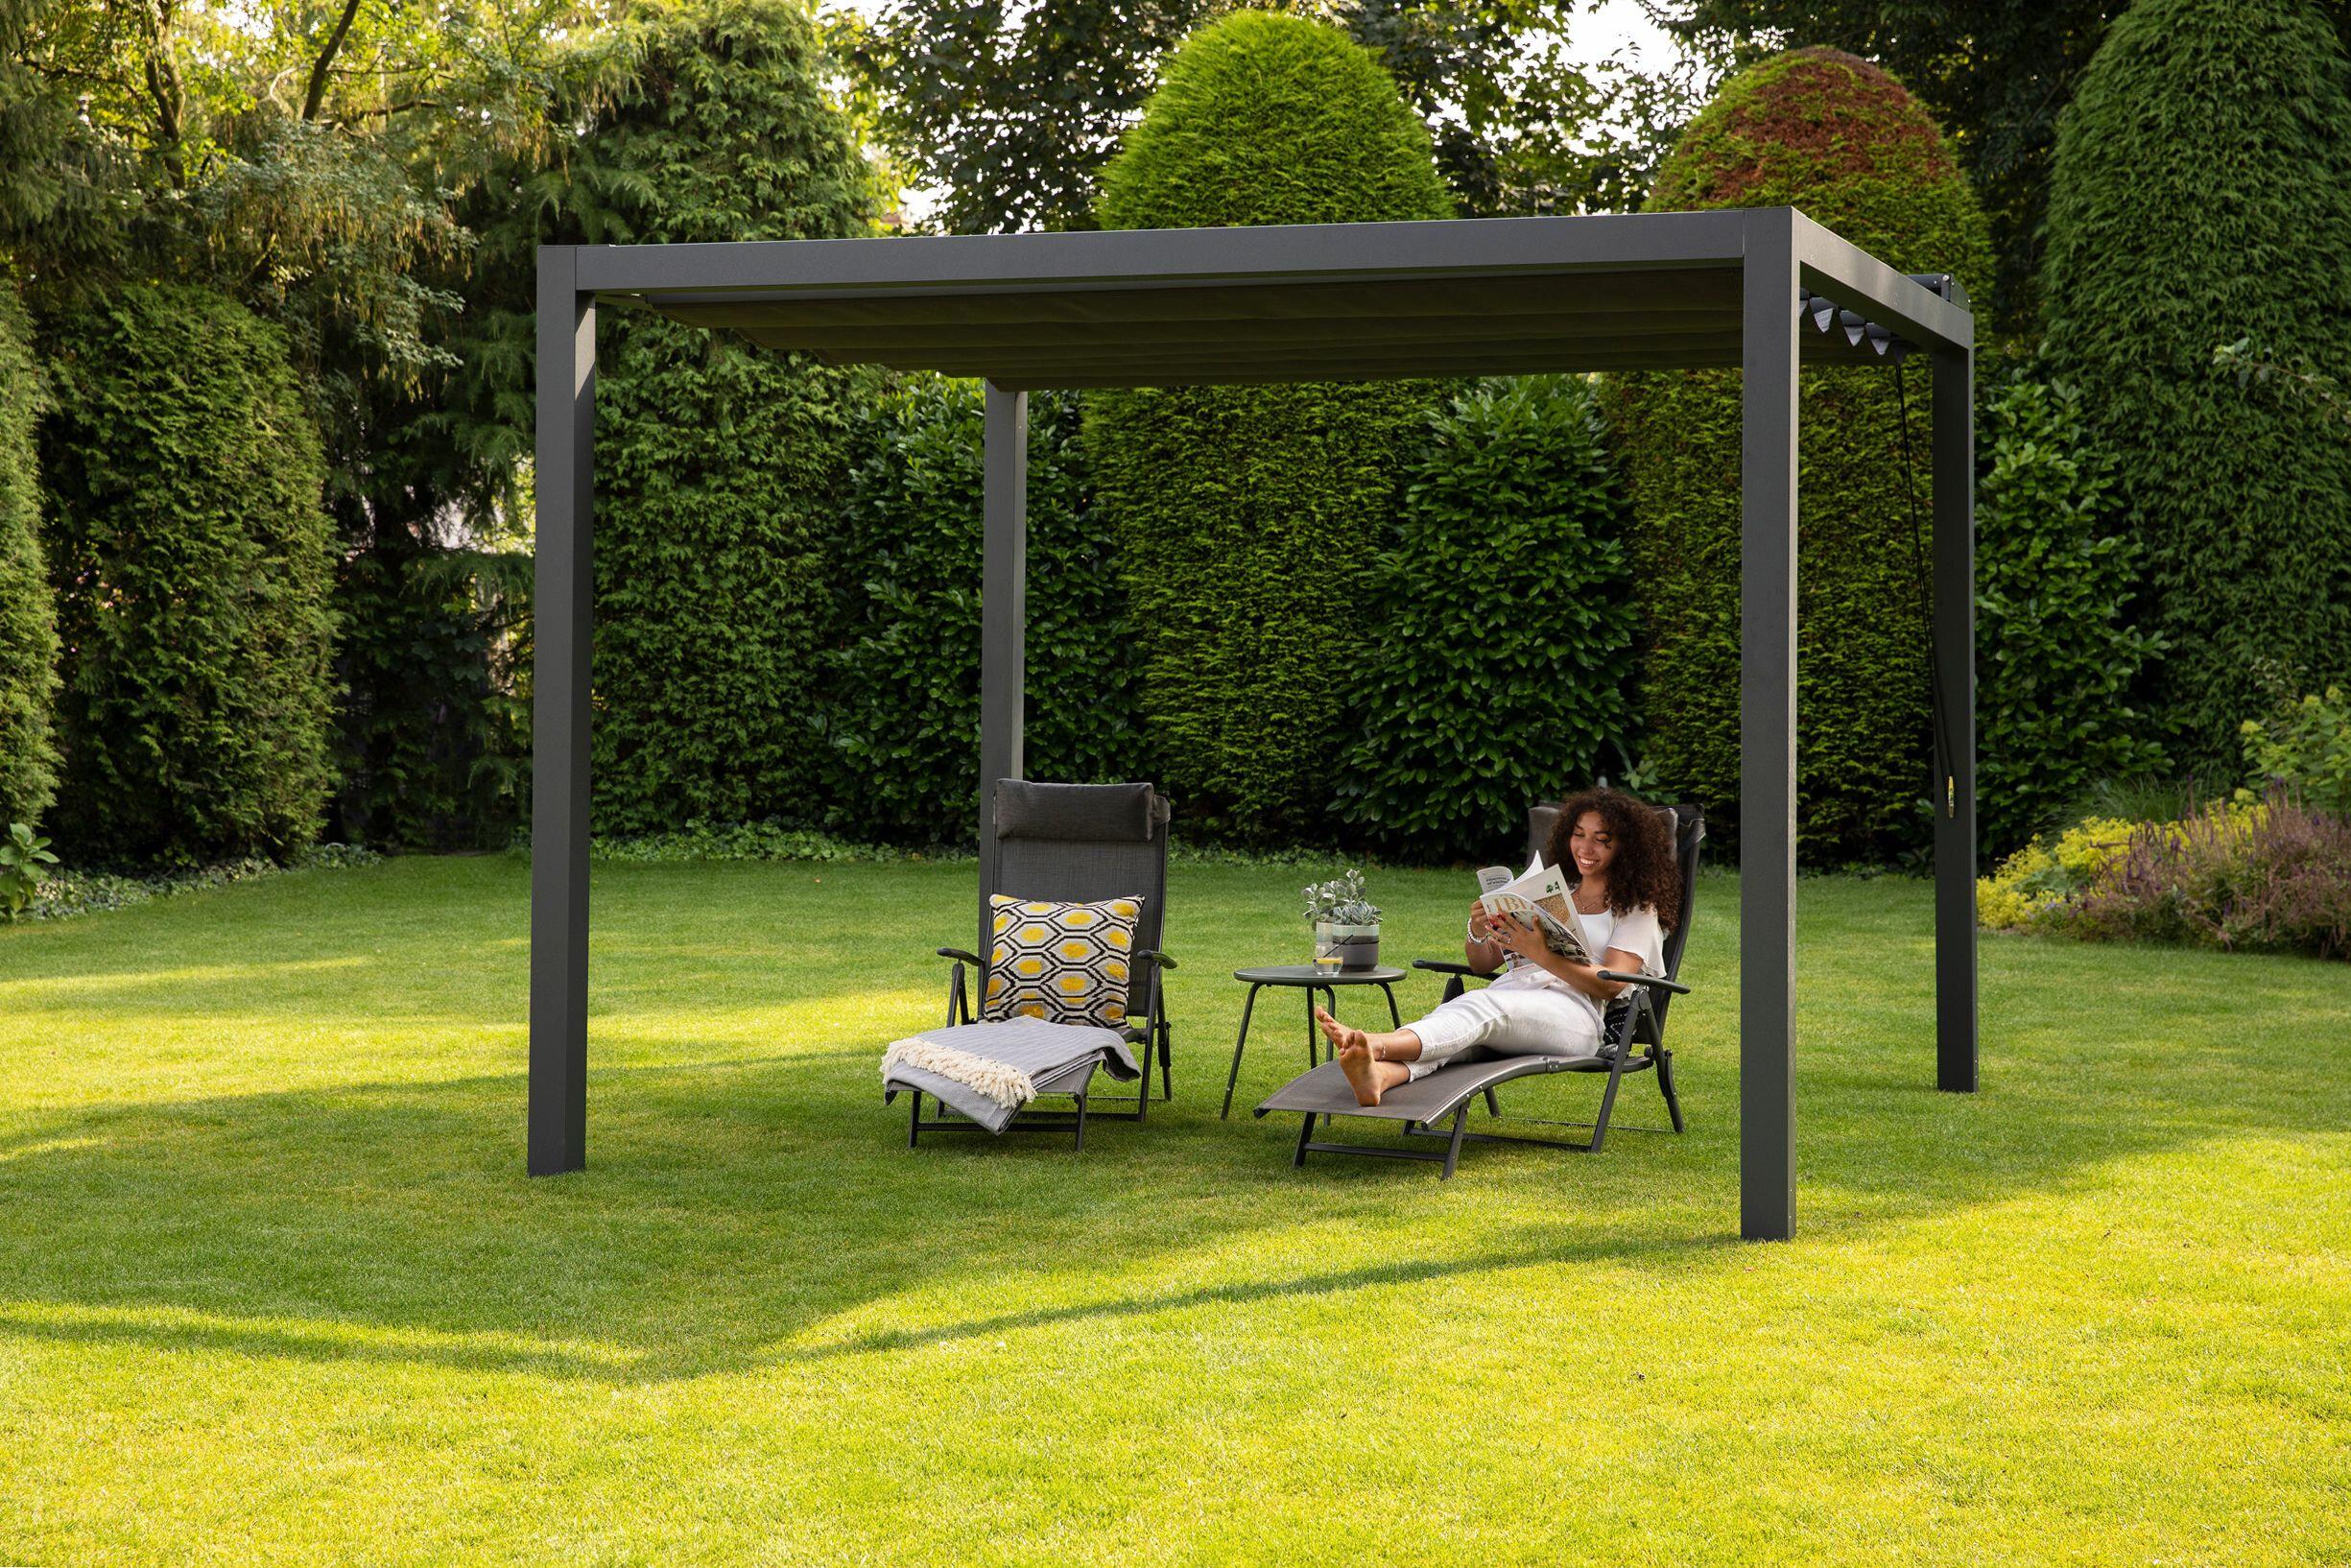 Pergola aluminium antraciet 'Stand Alone' (3.19 x 3.19 meter)